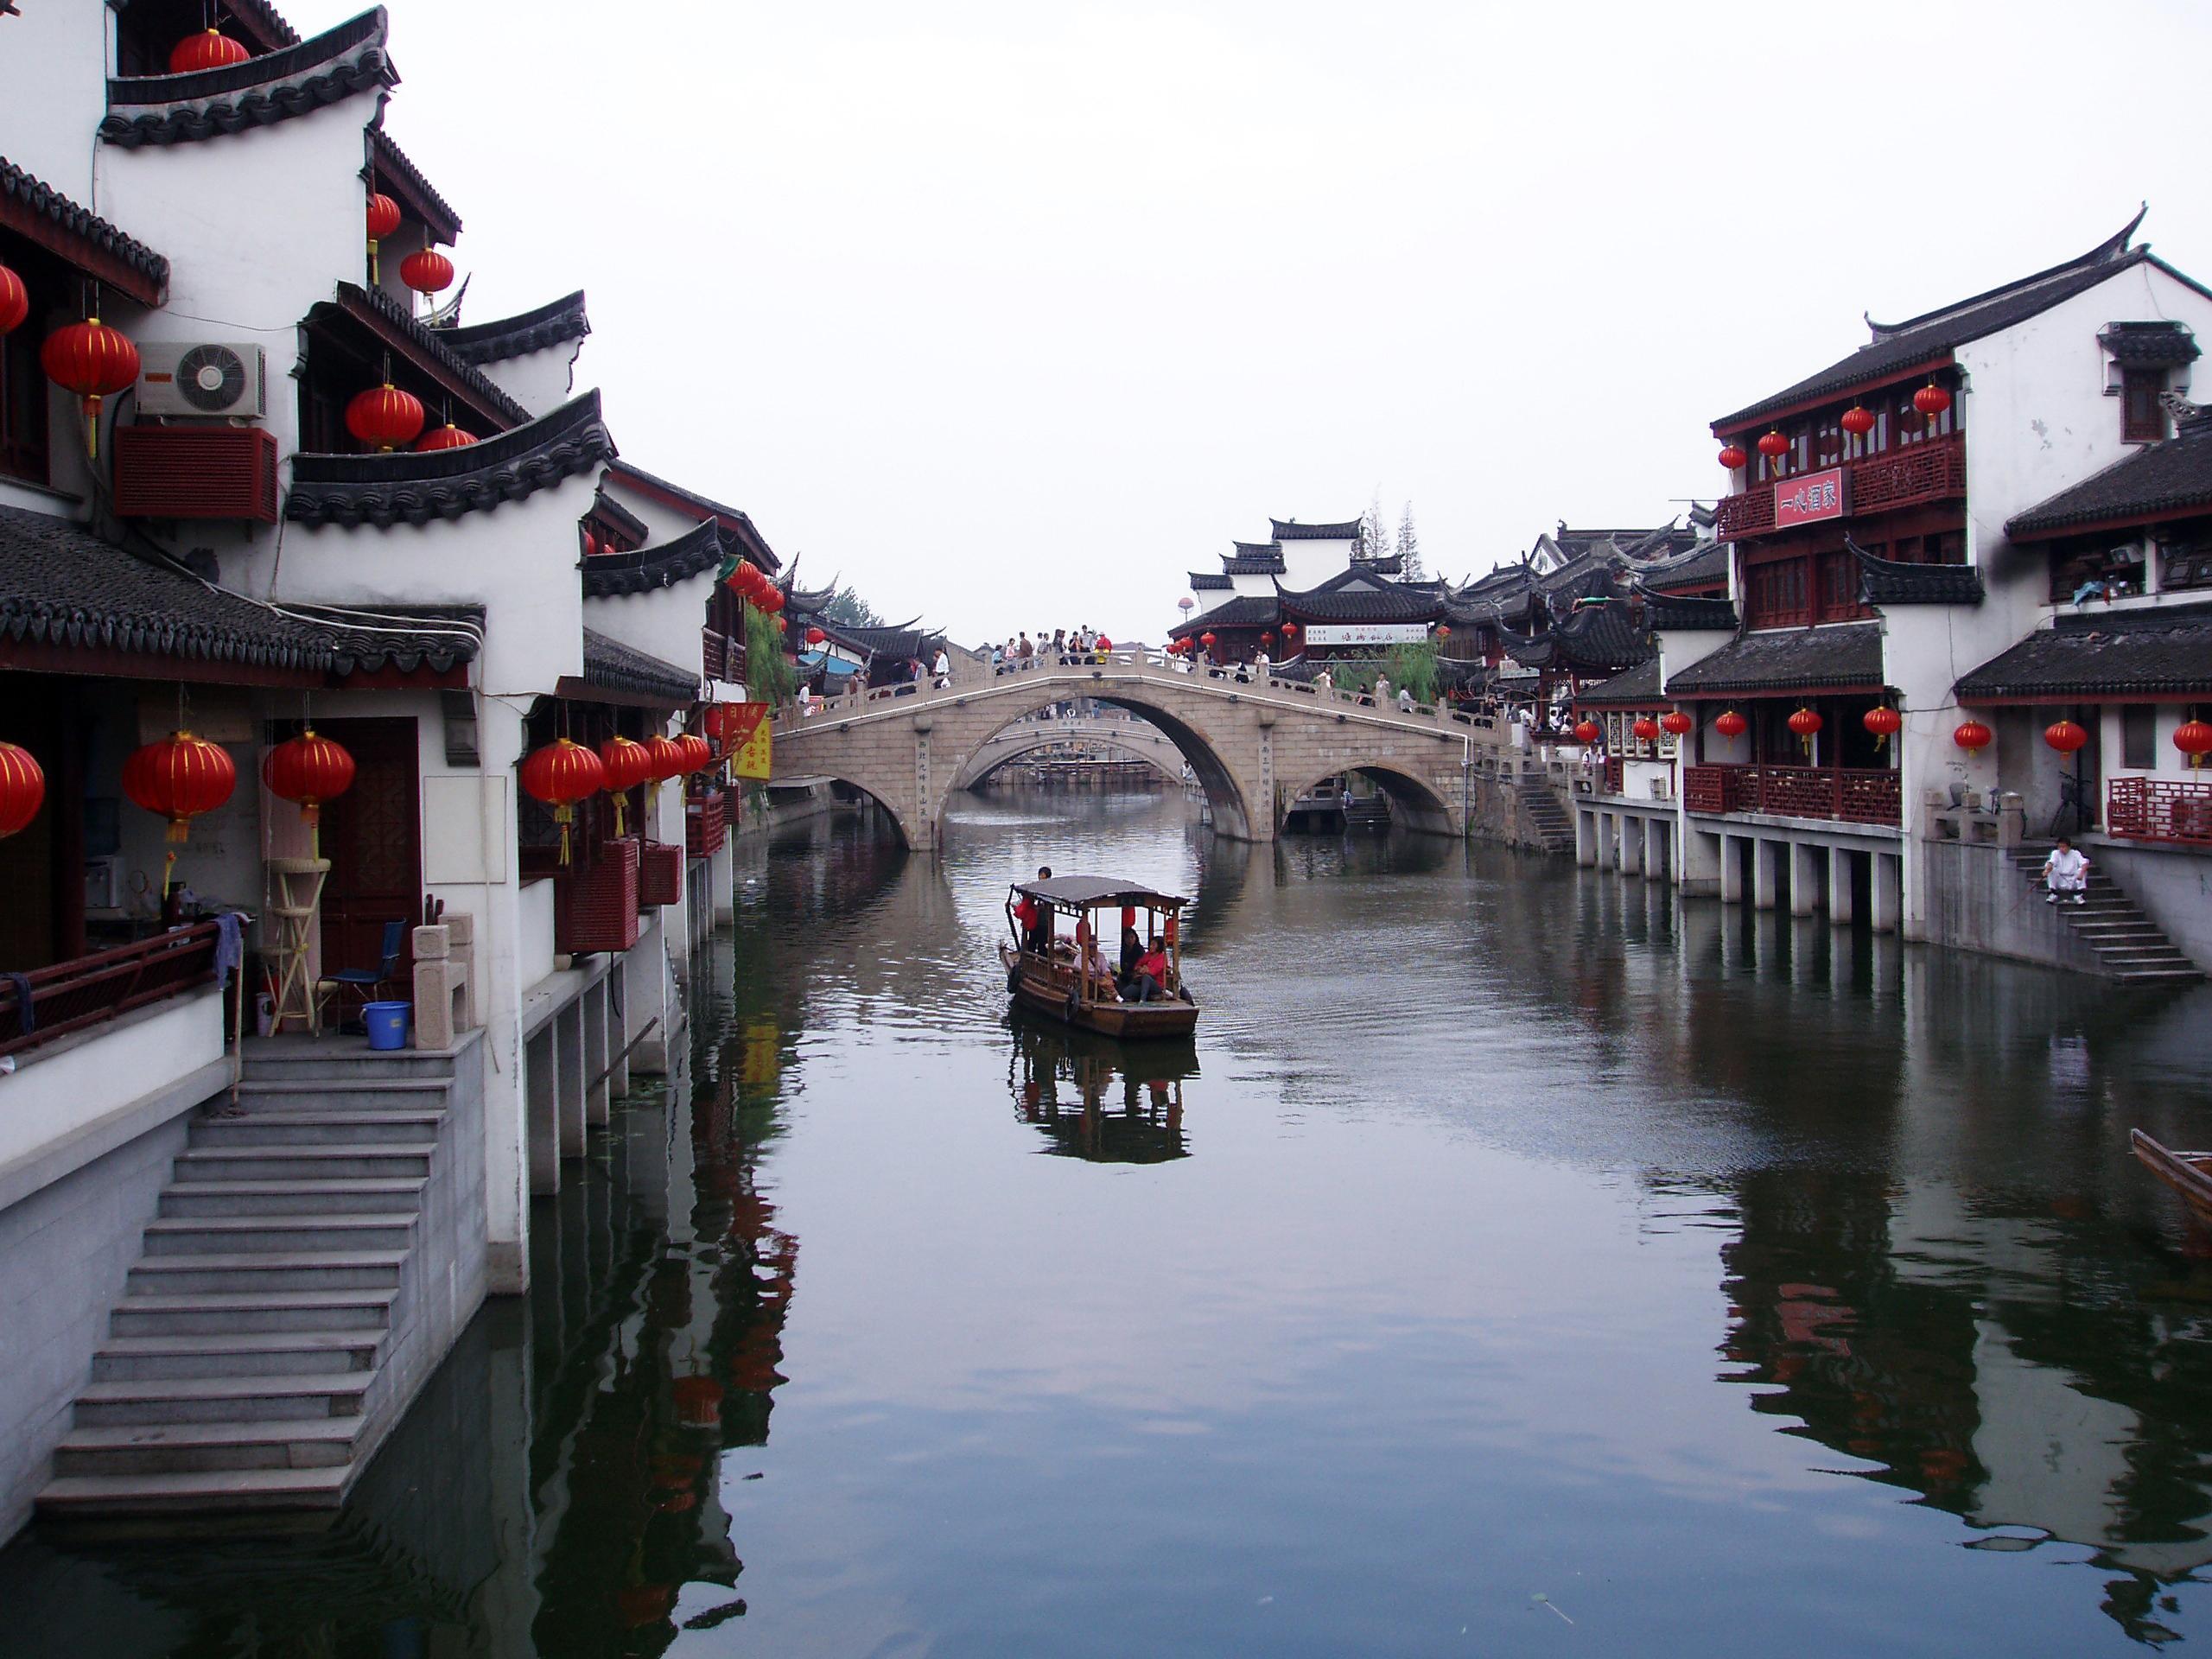 Shanghaicanal